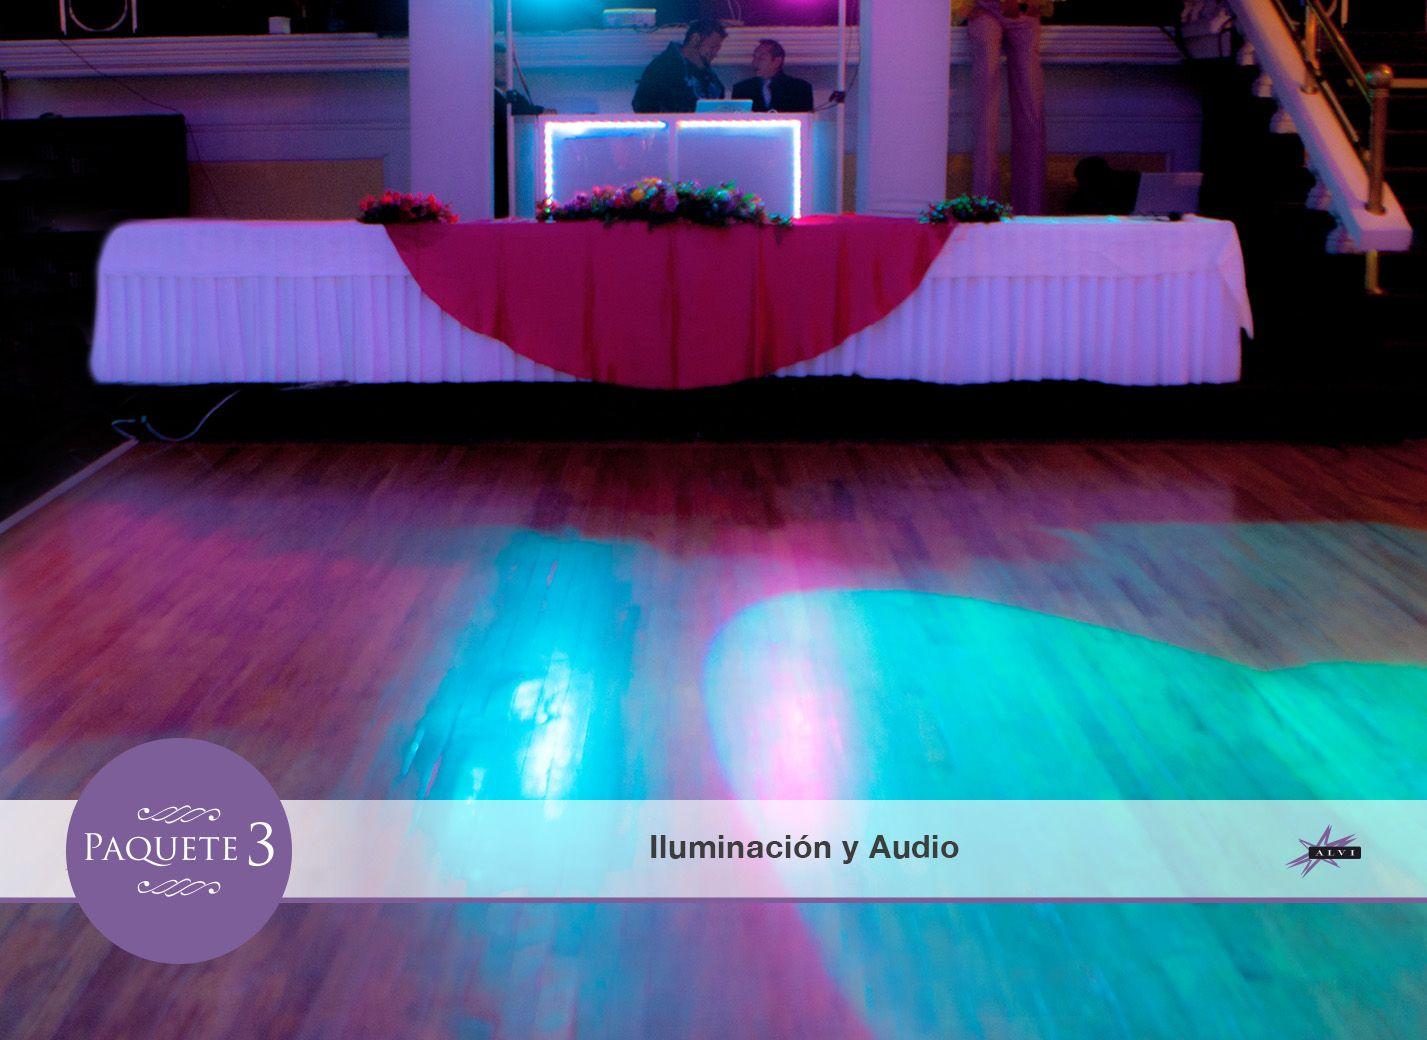 Iluminación y audio para la ambientación de tu evento, en cada salón.